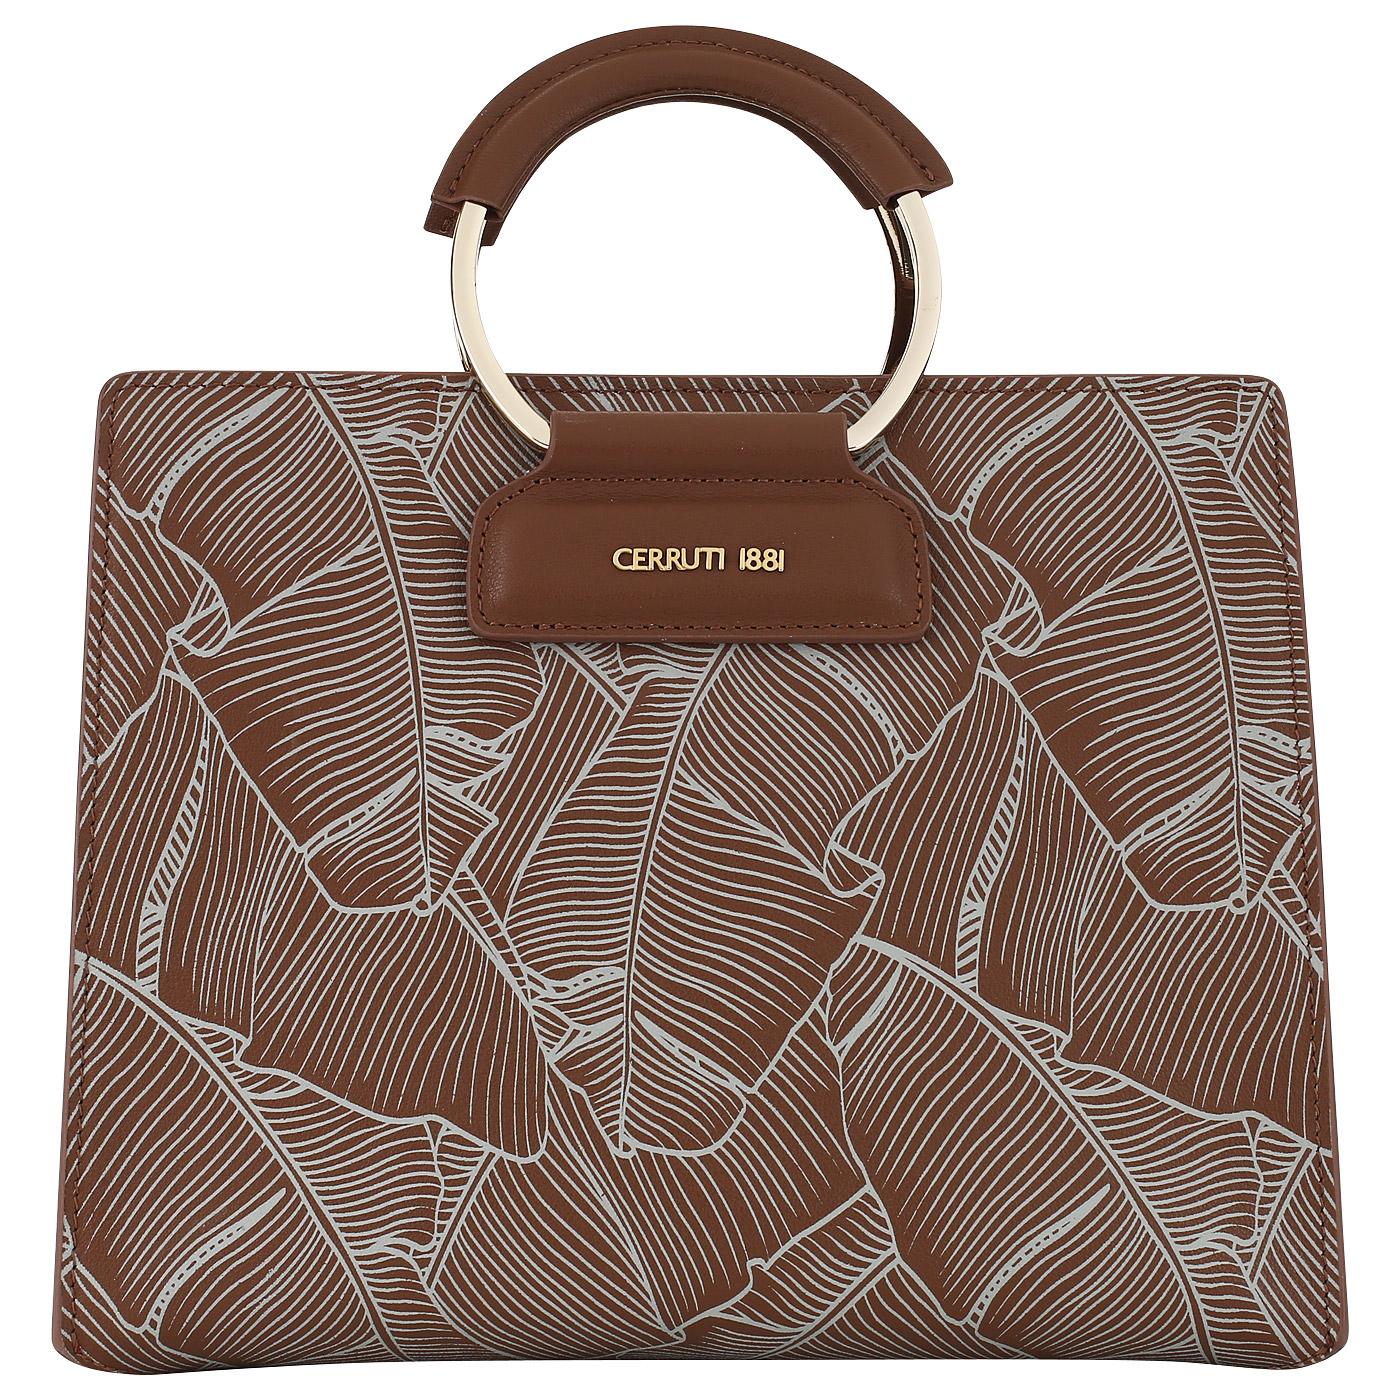 446852a330eb Женская сумка с круглыми ручками Cerruti 1881 Flora CEBA02881P_tan ...